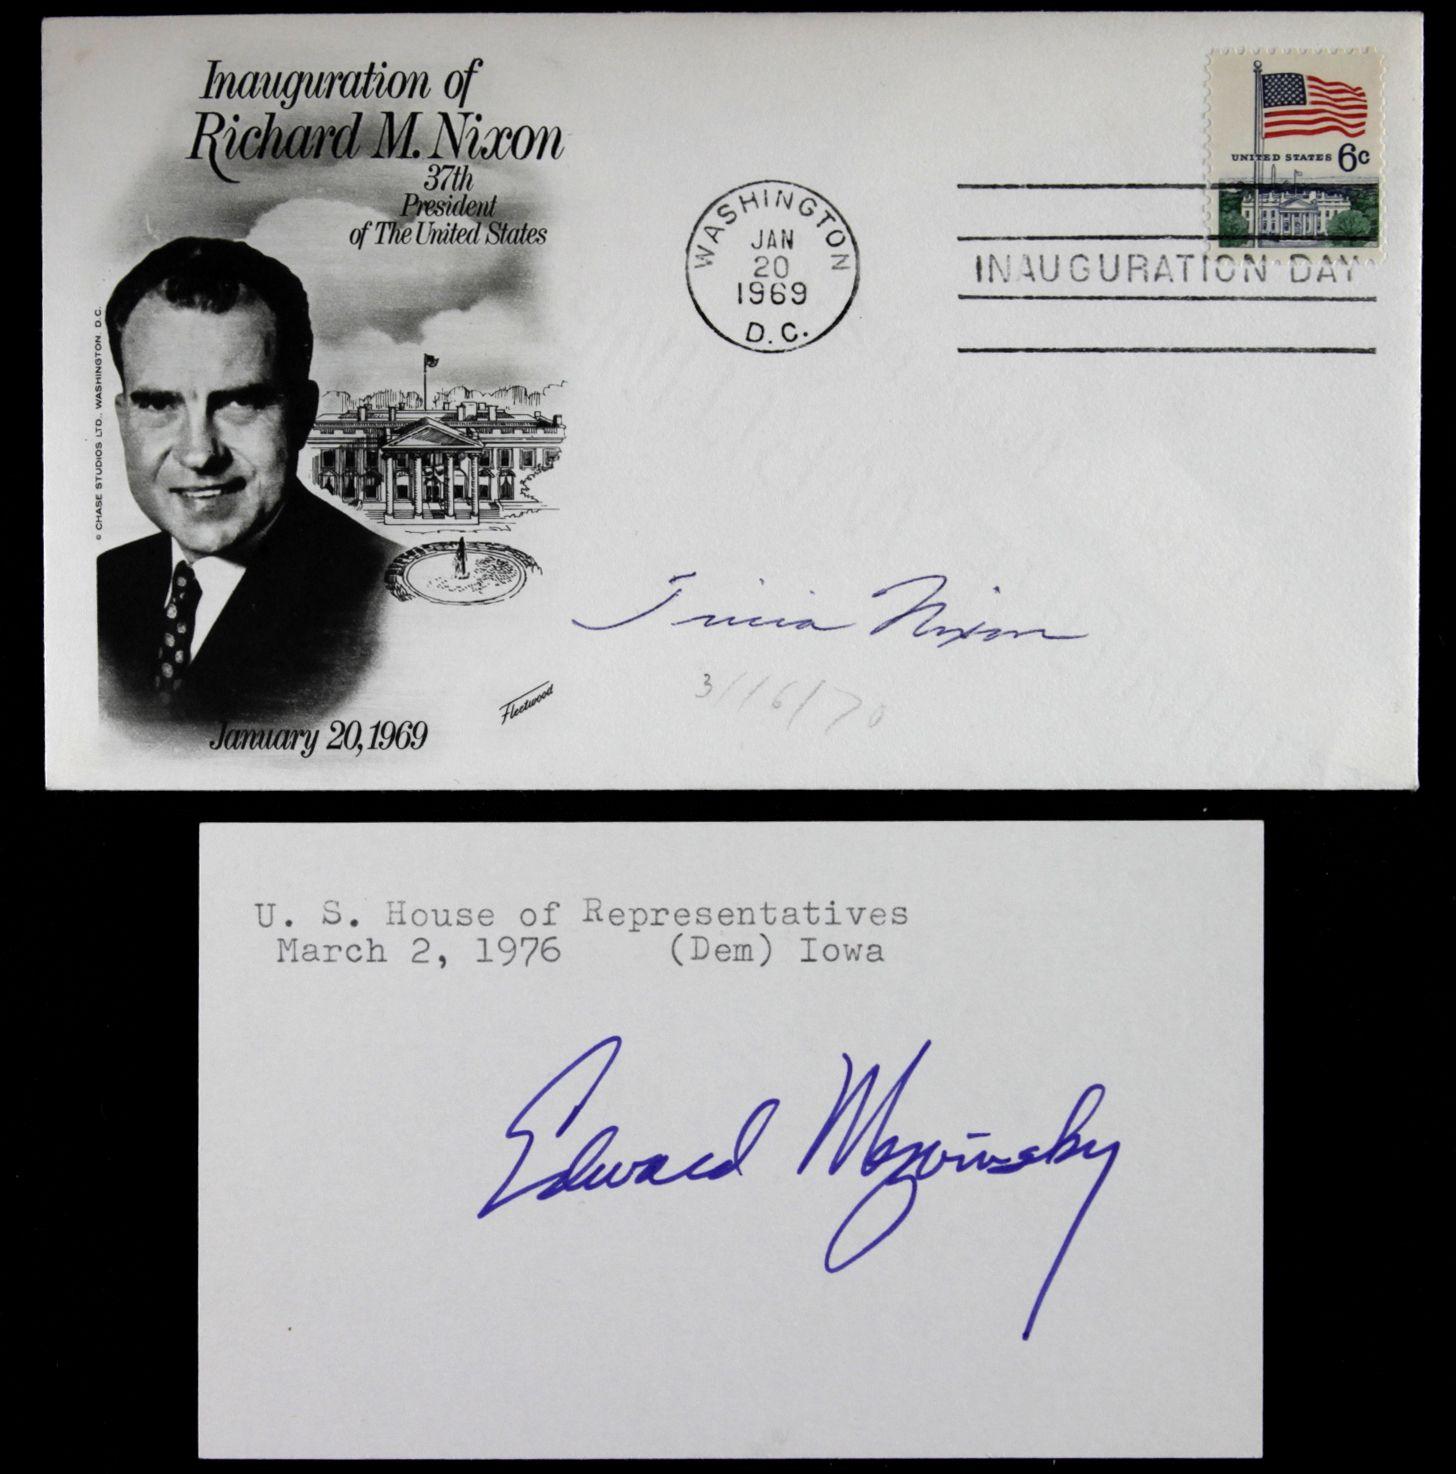 Impeachment Of Nixon Lot Detail - 1972 Rich...